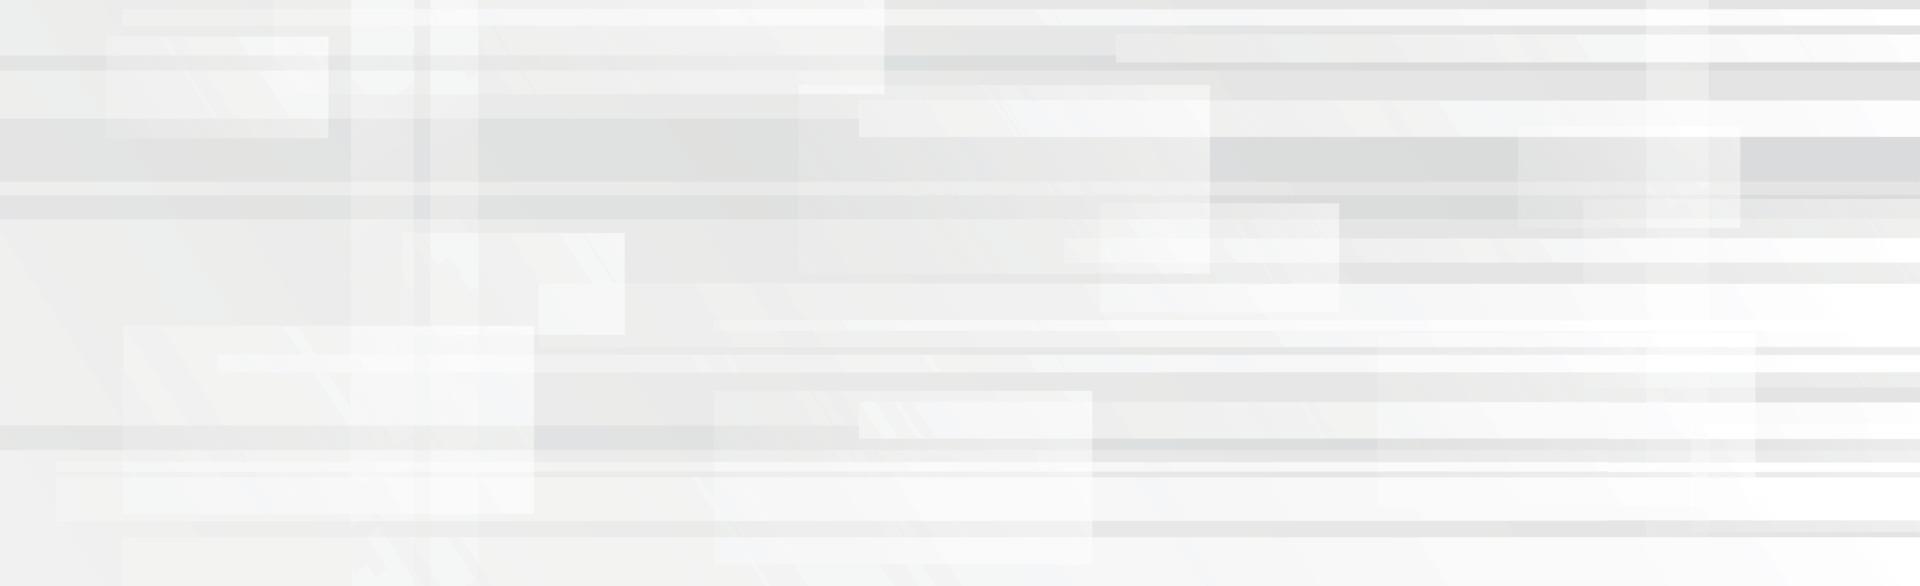 vit vektor panorama bakgrund med linjer och lådor